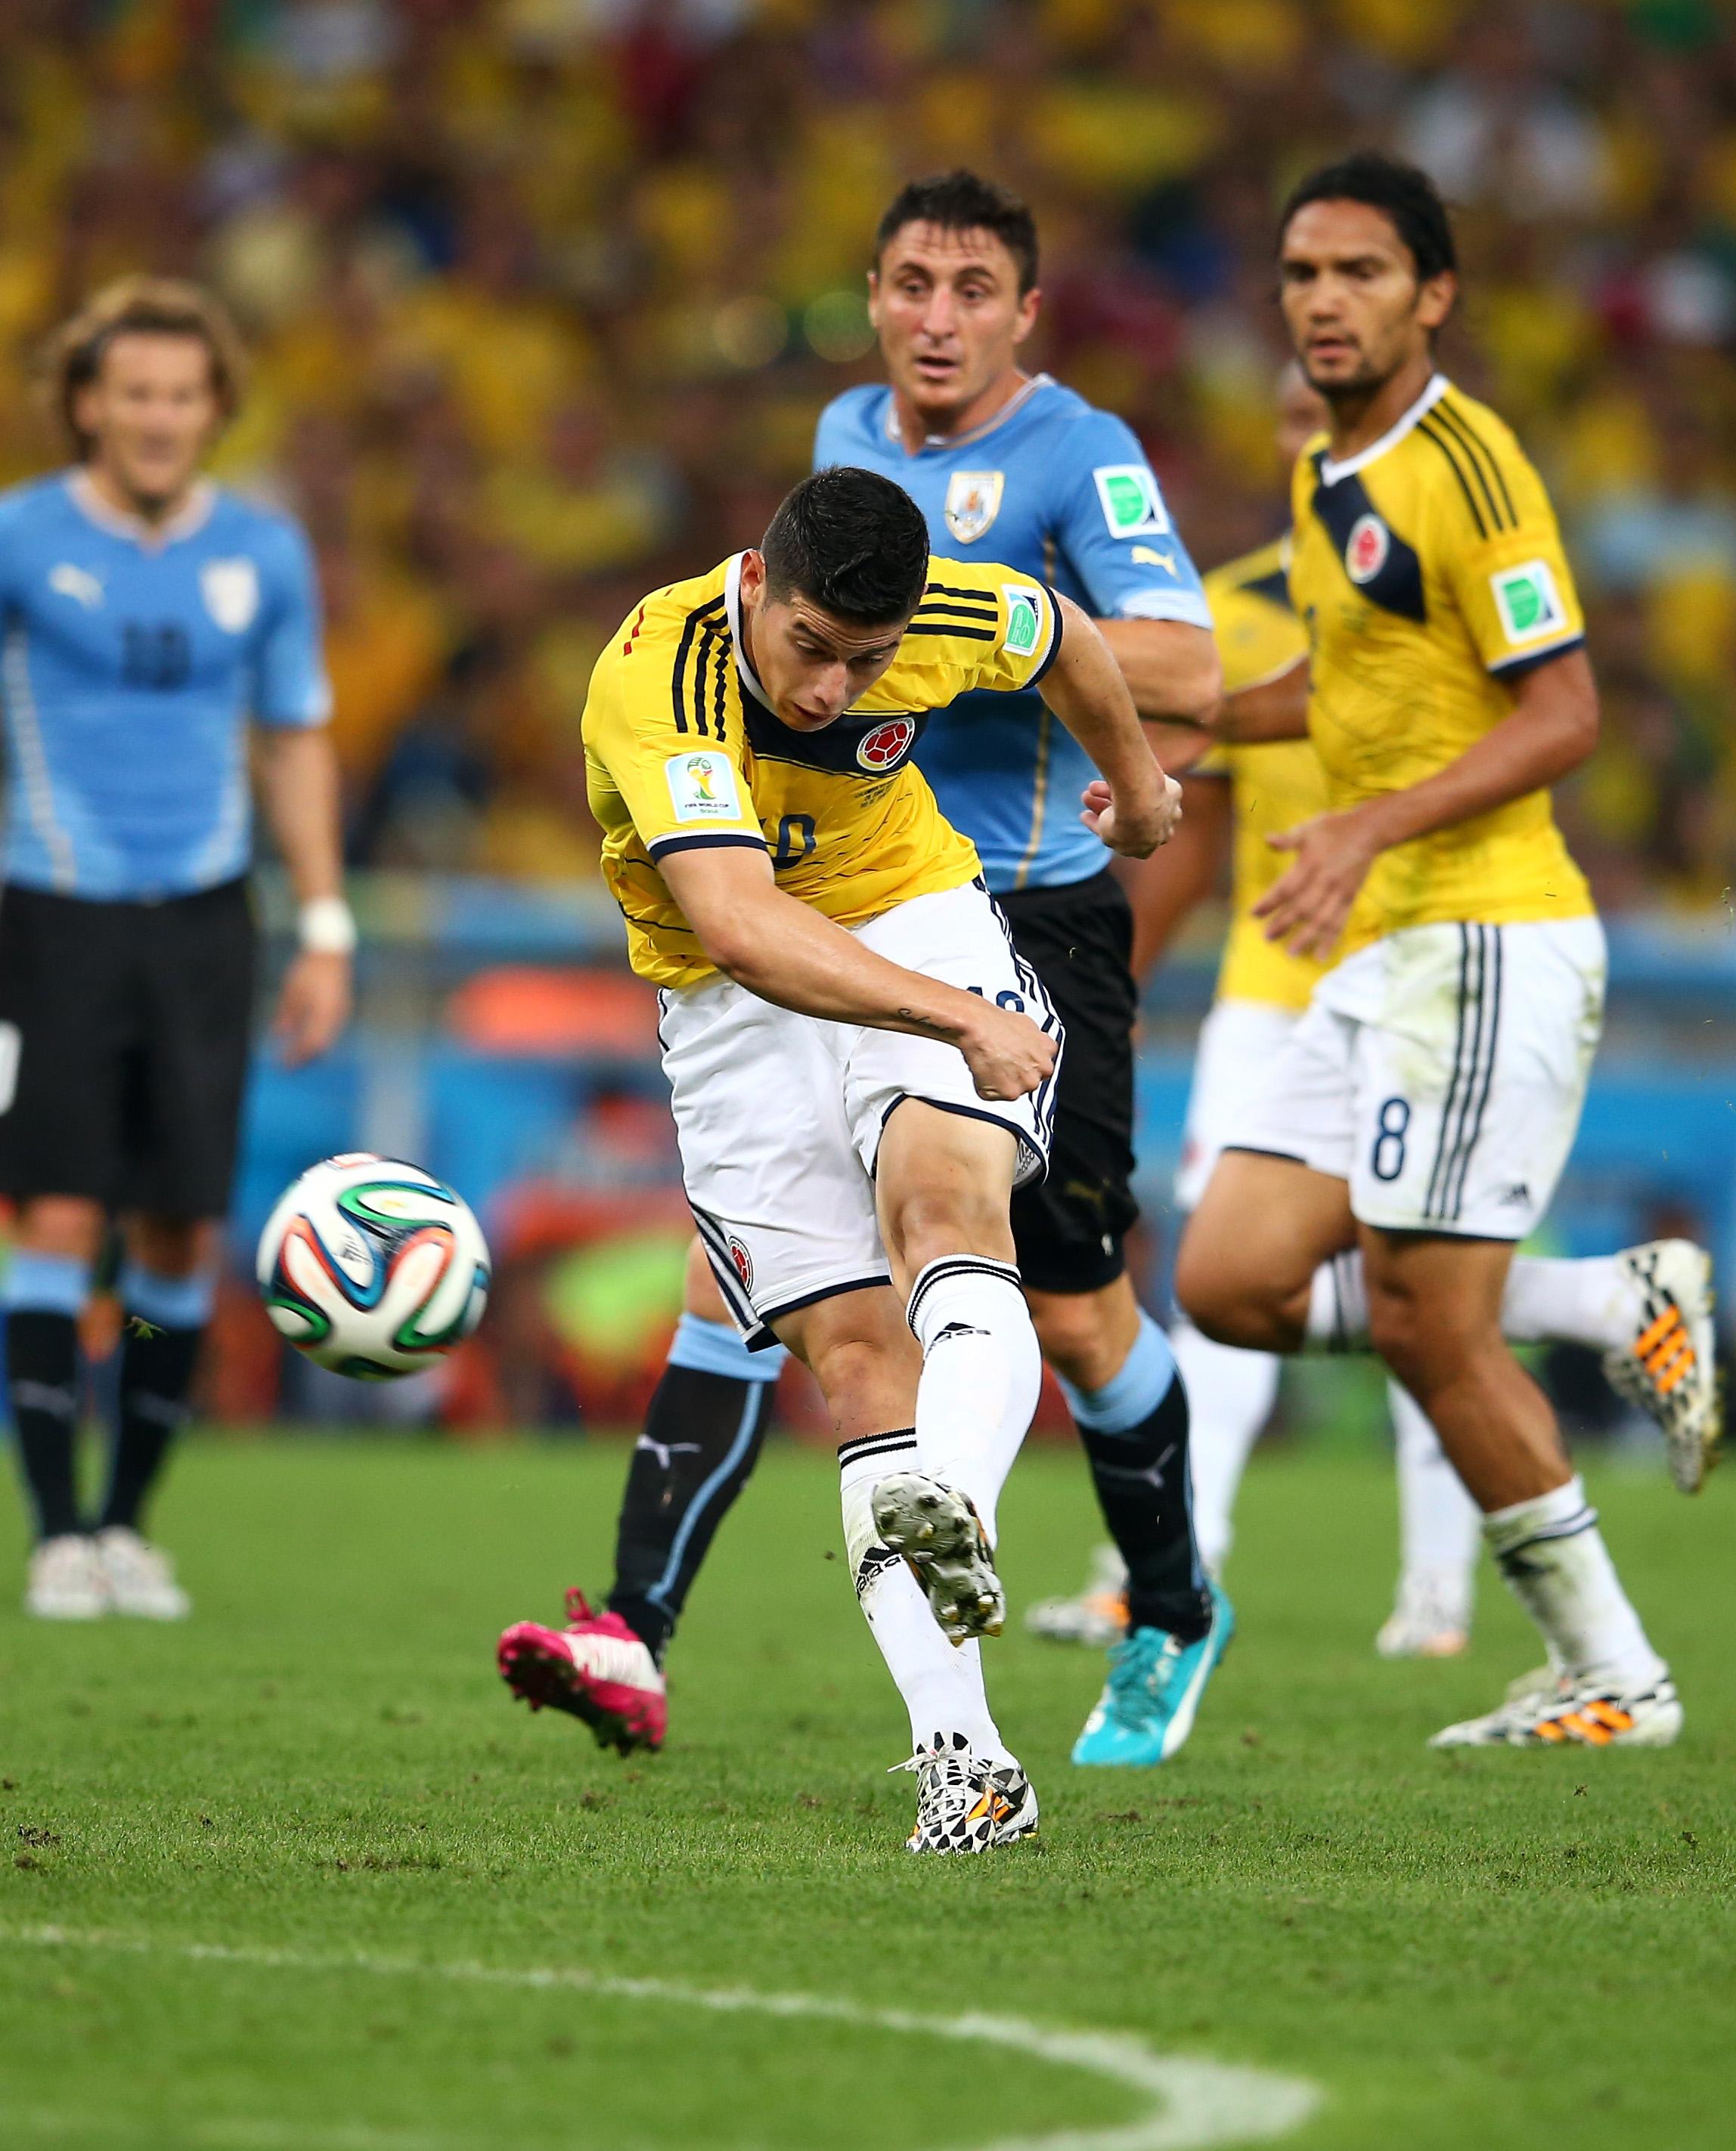 Kolumbien gegen Uruguay Update: Zwei Tore von James Rodríguez schießen Kolumbien ins Vietelfinale (Video)